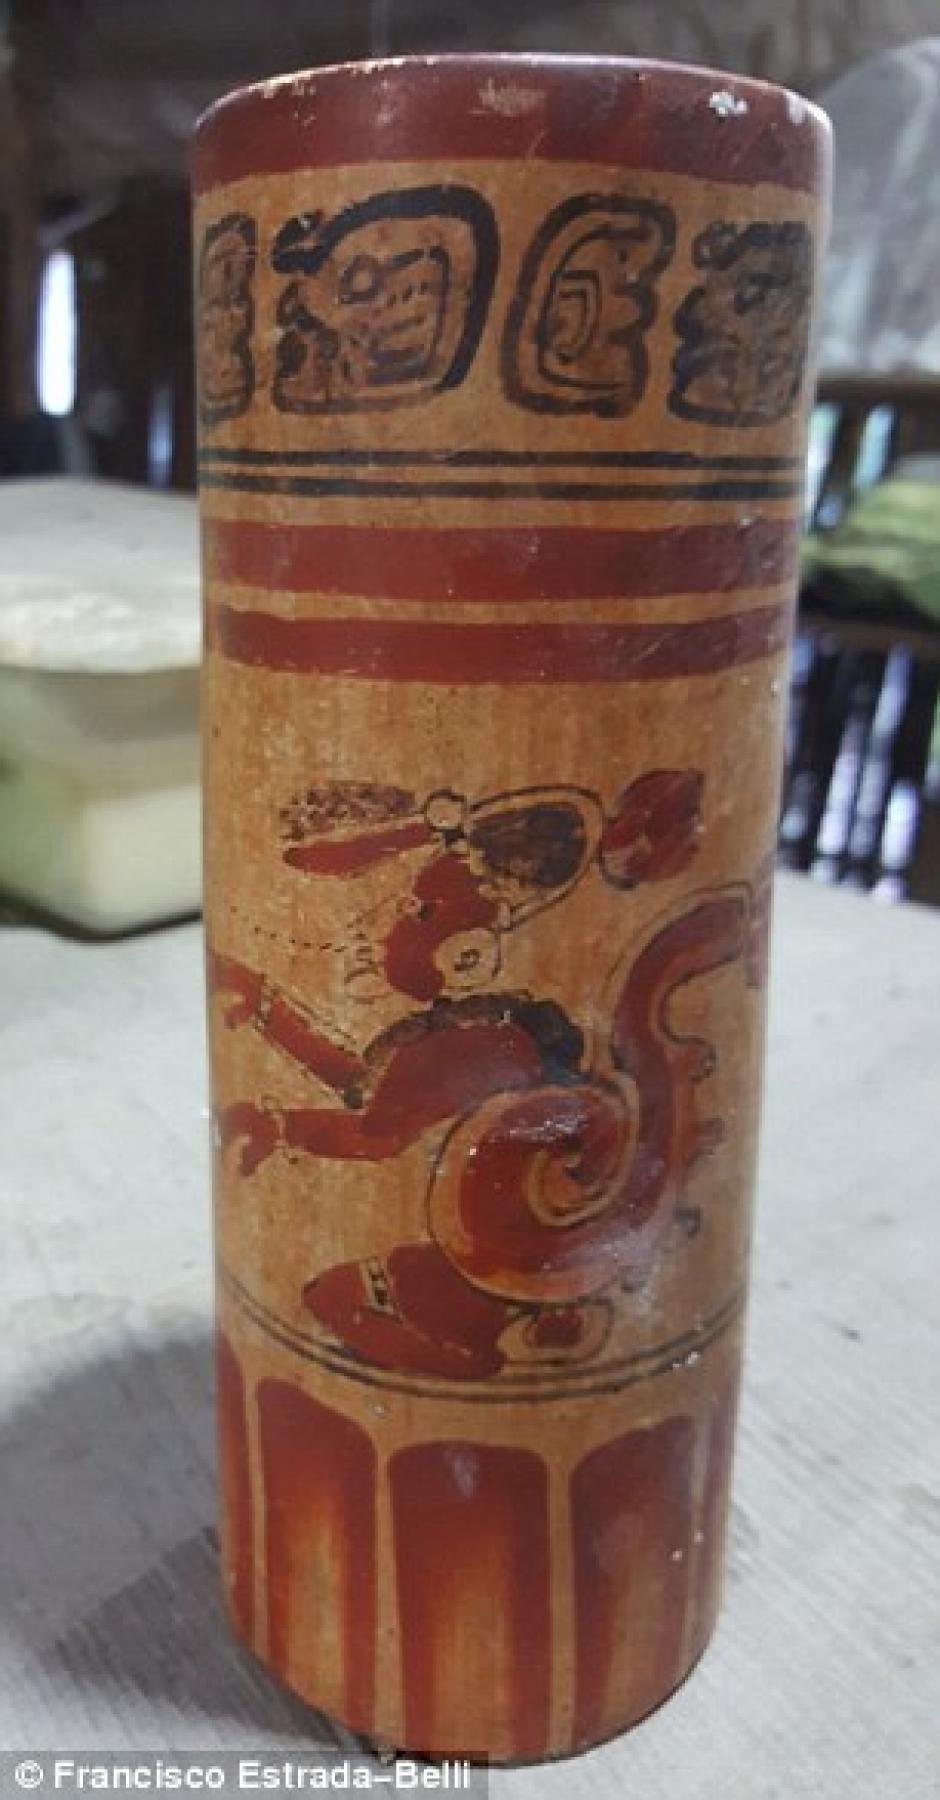 Un jarrón decorado con jeroglíficos, en donde se contempla una imagen del dios del mundo que también fue encontrado junto a restos humanos. (Foto: Francisco Estrada-Belli)